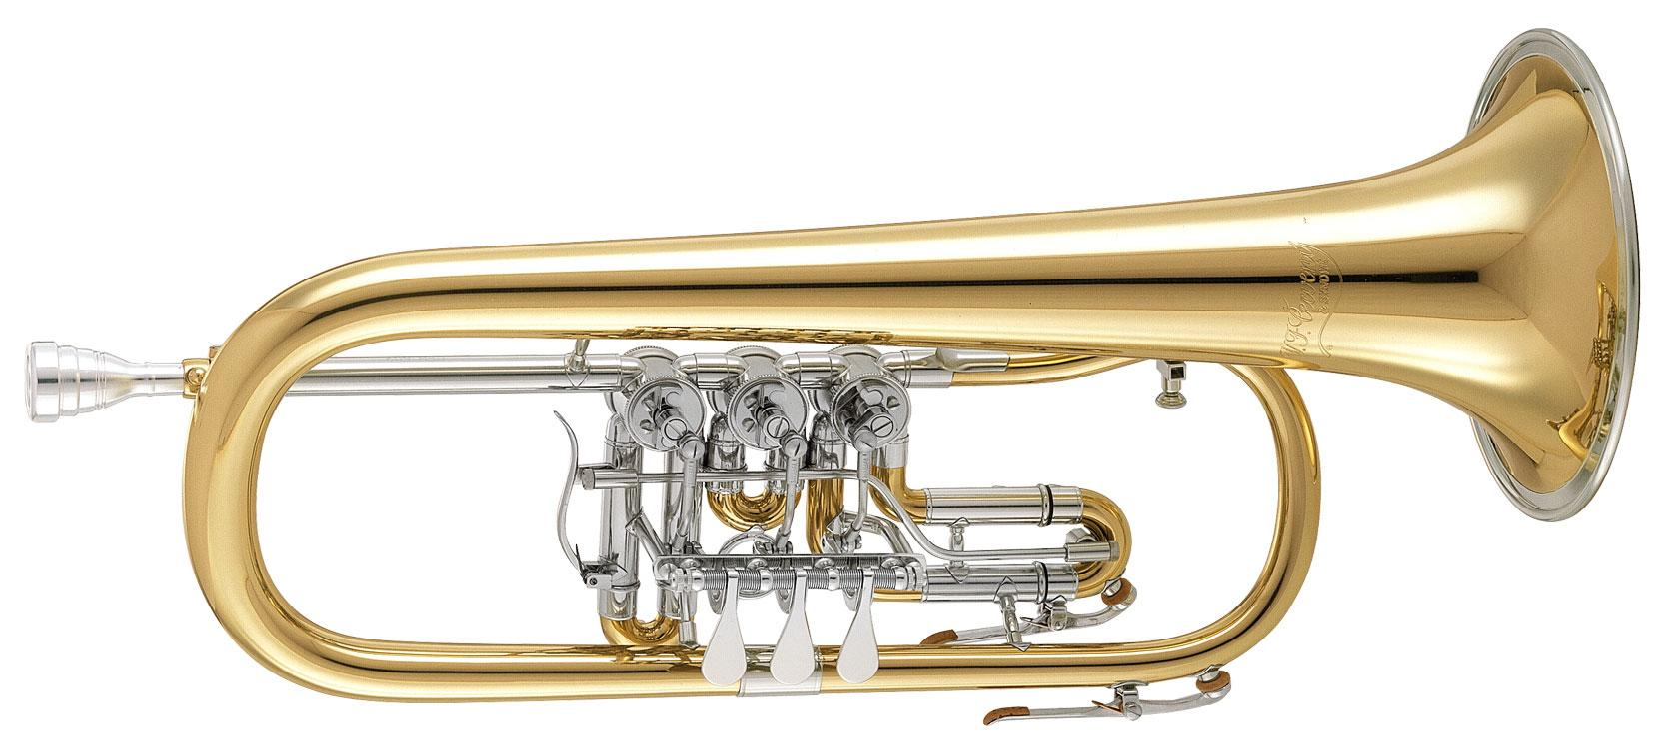 Cerveny CVFH502R Flügelhorn